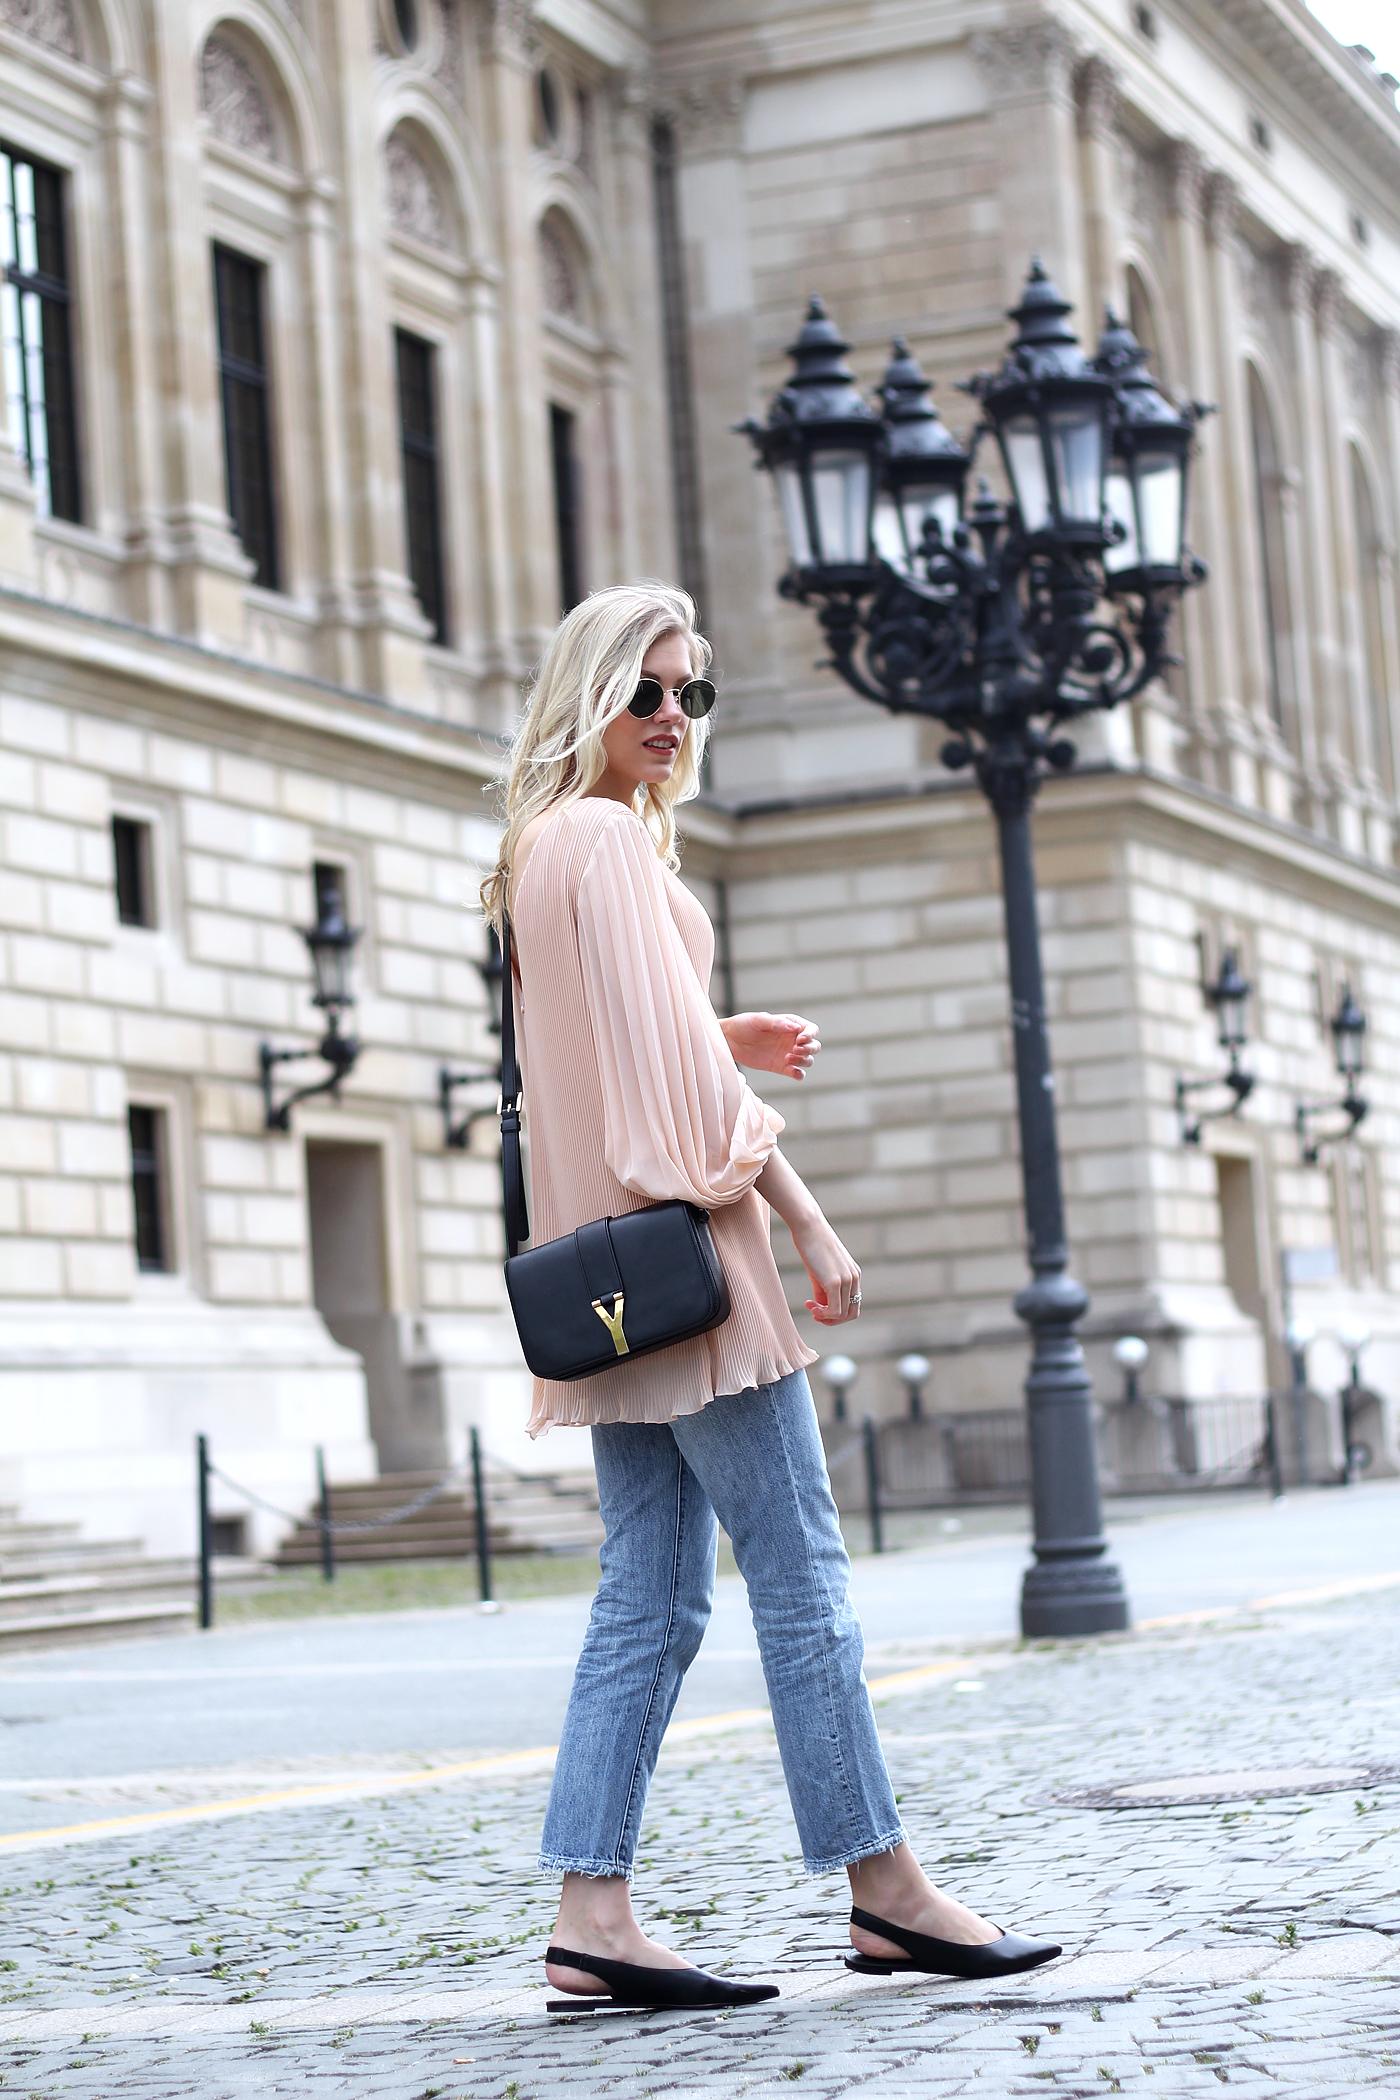 somehappyshoes_fashionblog_H&M_Jeans_saint_laurent_bag_Zara_nude_plisse_blouse9